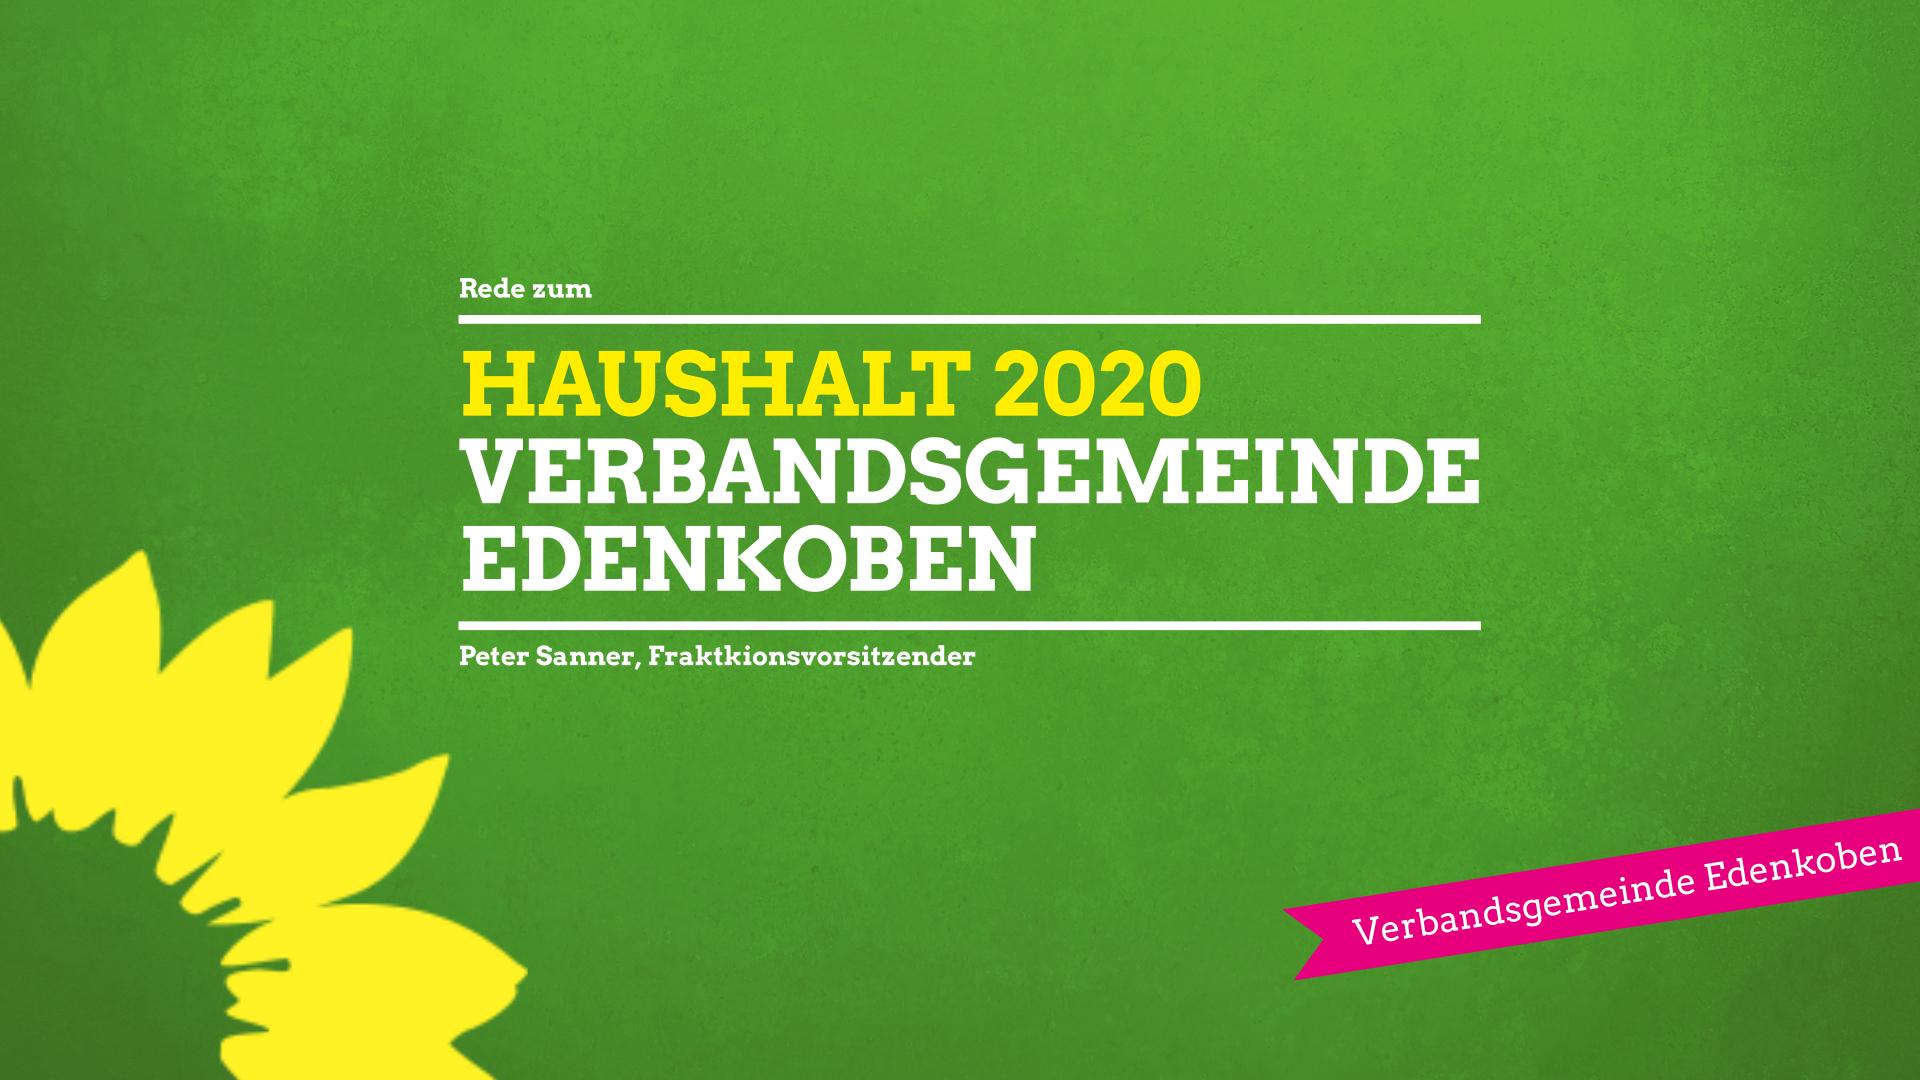 Rede zum Haushalt VG Edenkoben 2020